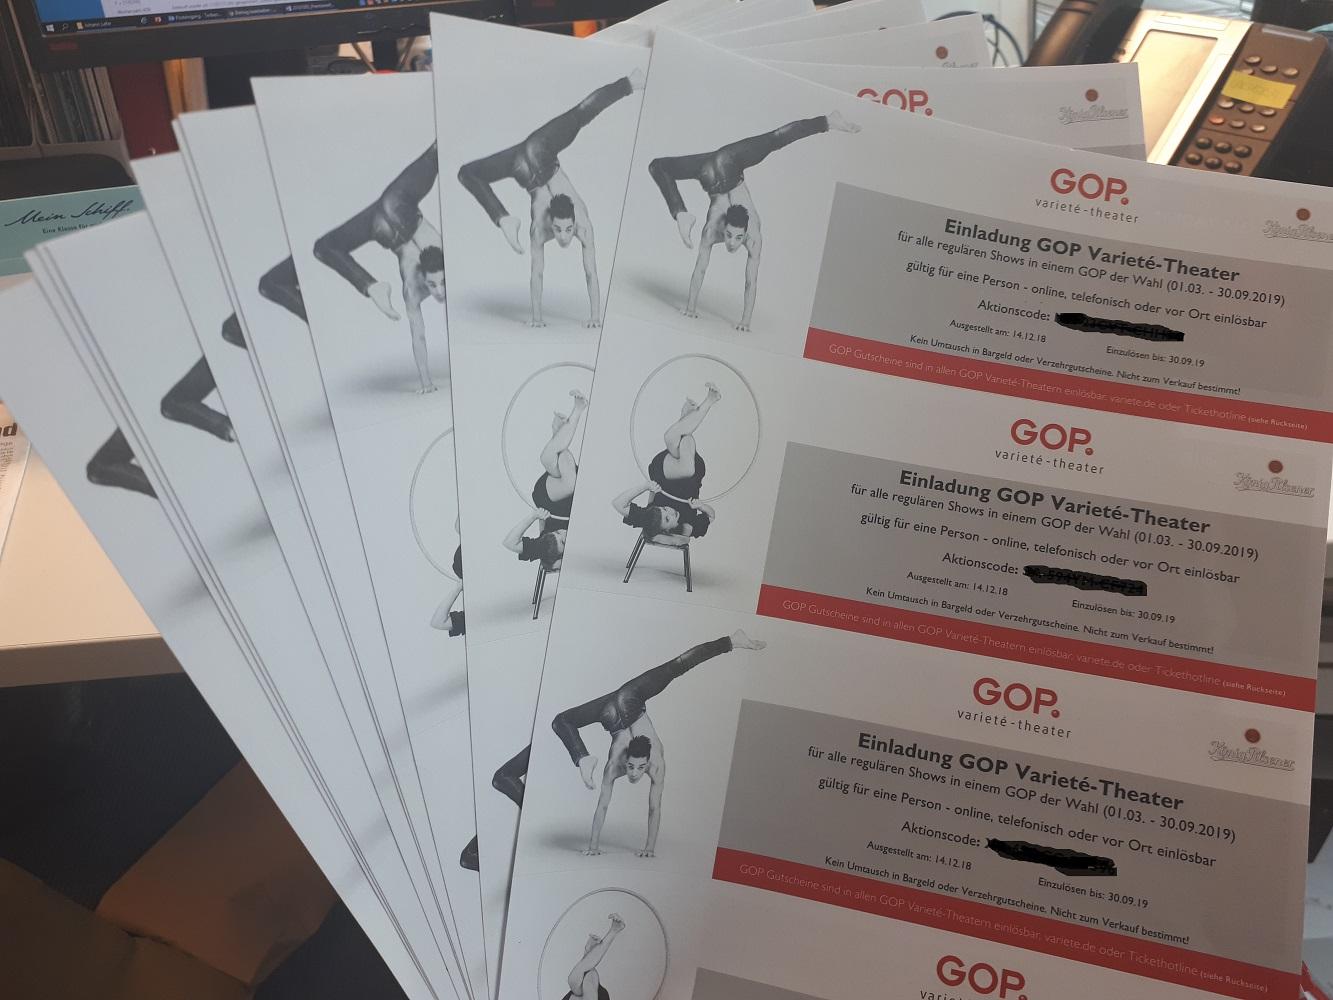 Gewinne, Gewinne, Gewinne: TUI Cruises und GOP verlosen 20x2 Tickets für eine GOP Show